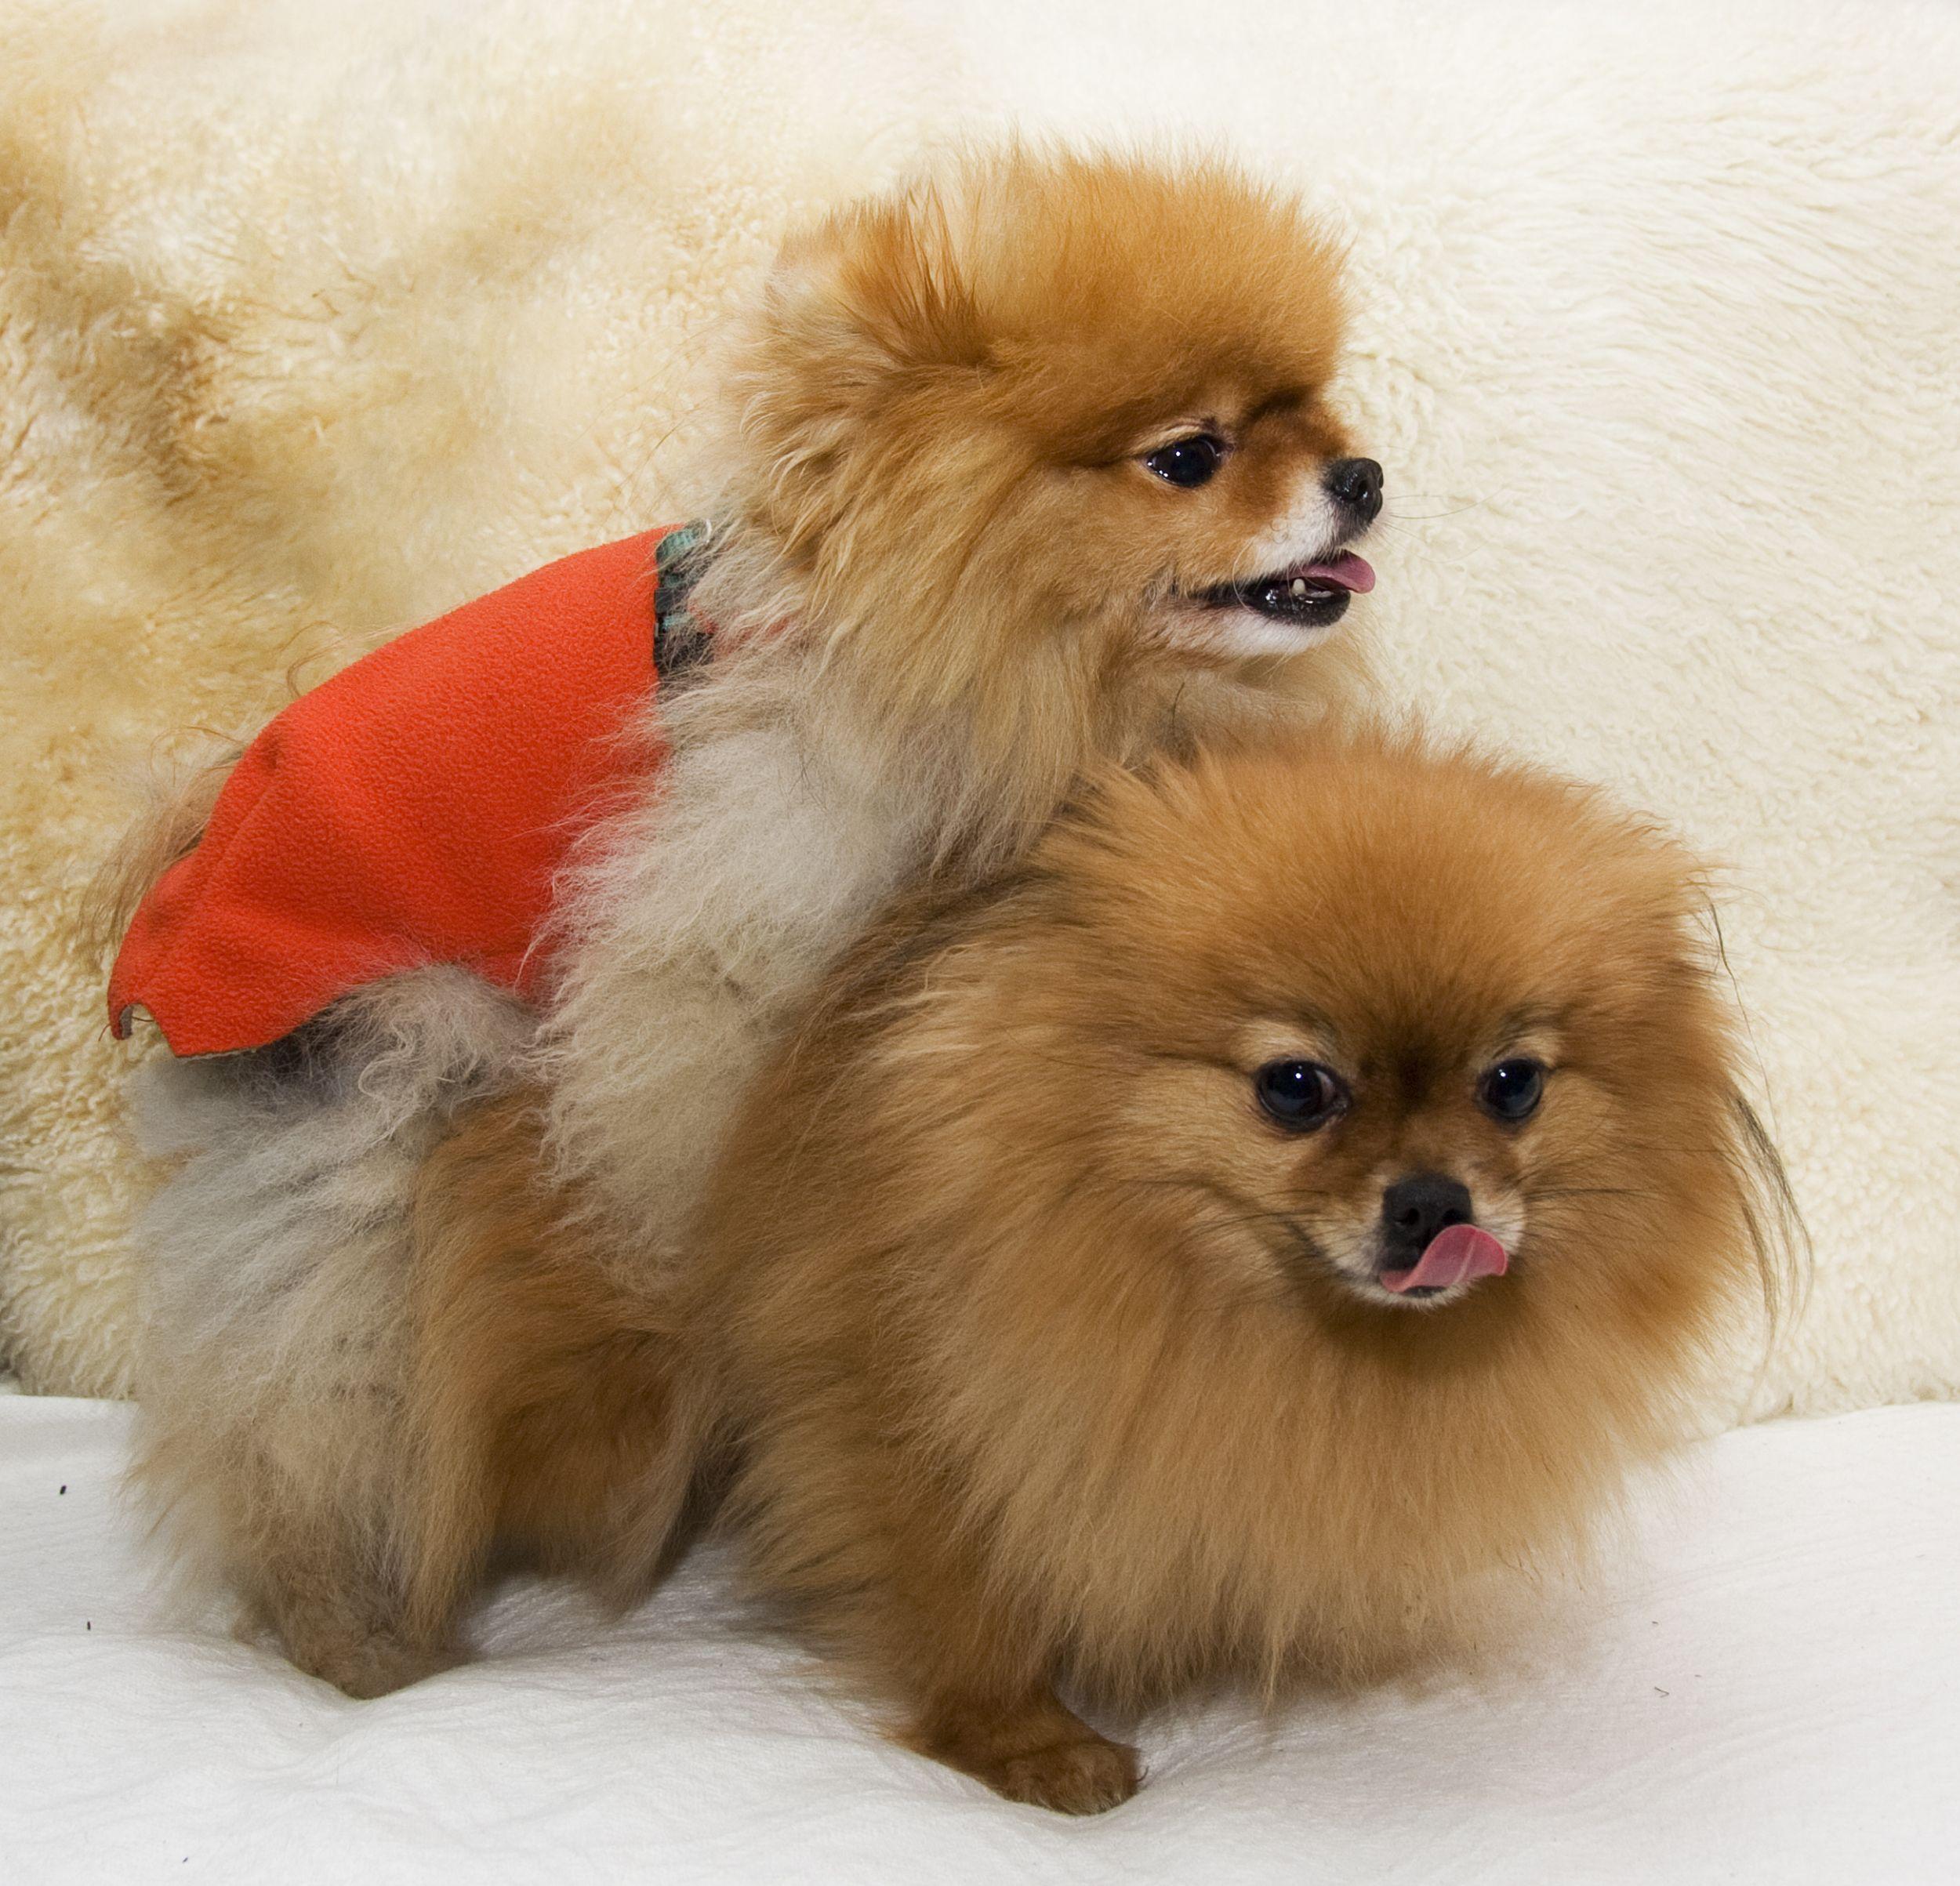 Dogilike.com :: พี่คะทำไงดีหมาหนูเป็นทอม ... ตามไปหาคำตอบว่า หมาเป็นทอมได้จริงเหรอ?